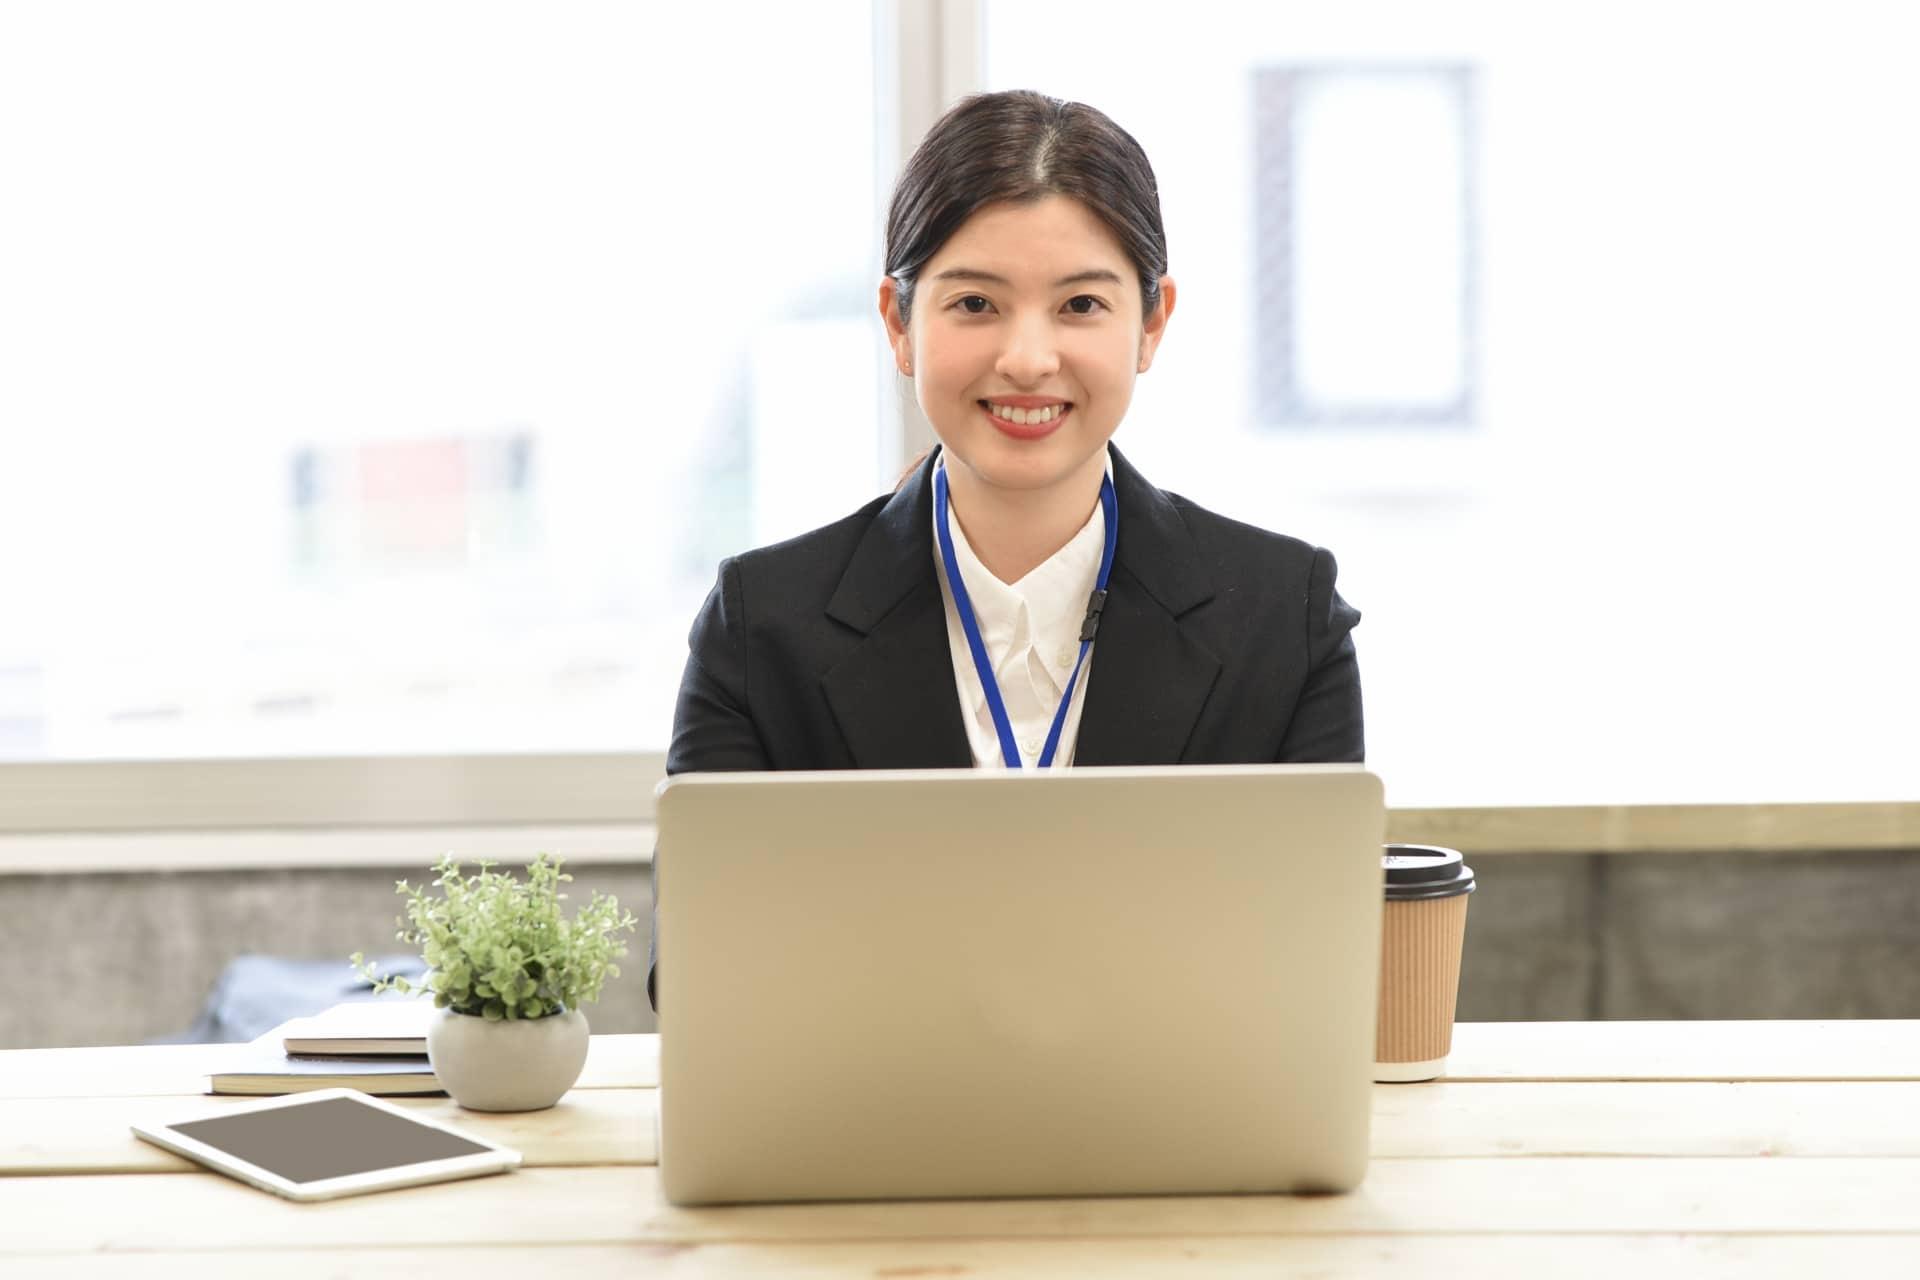 笑顔の女性とパソコン